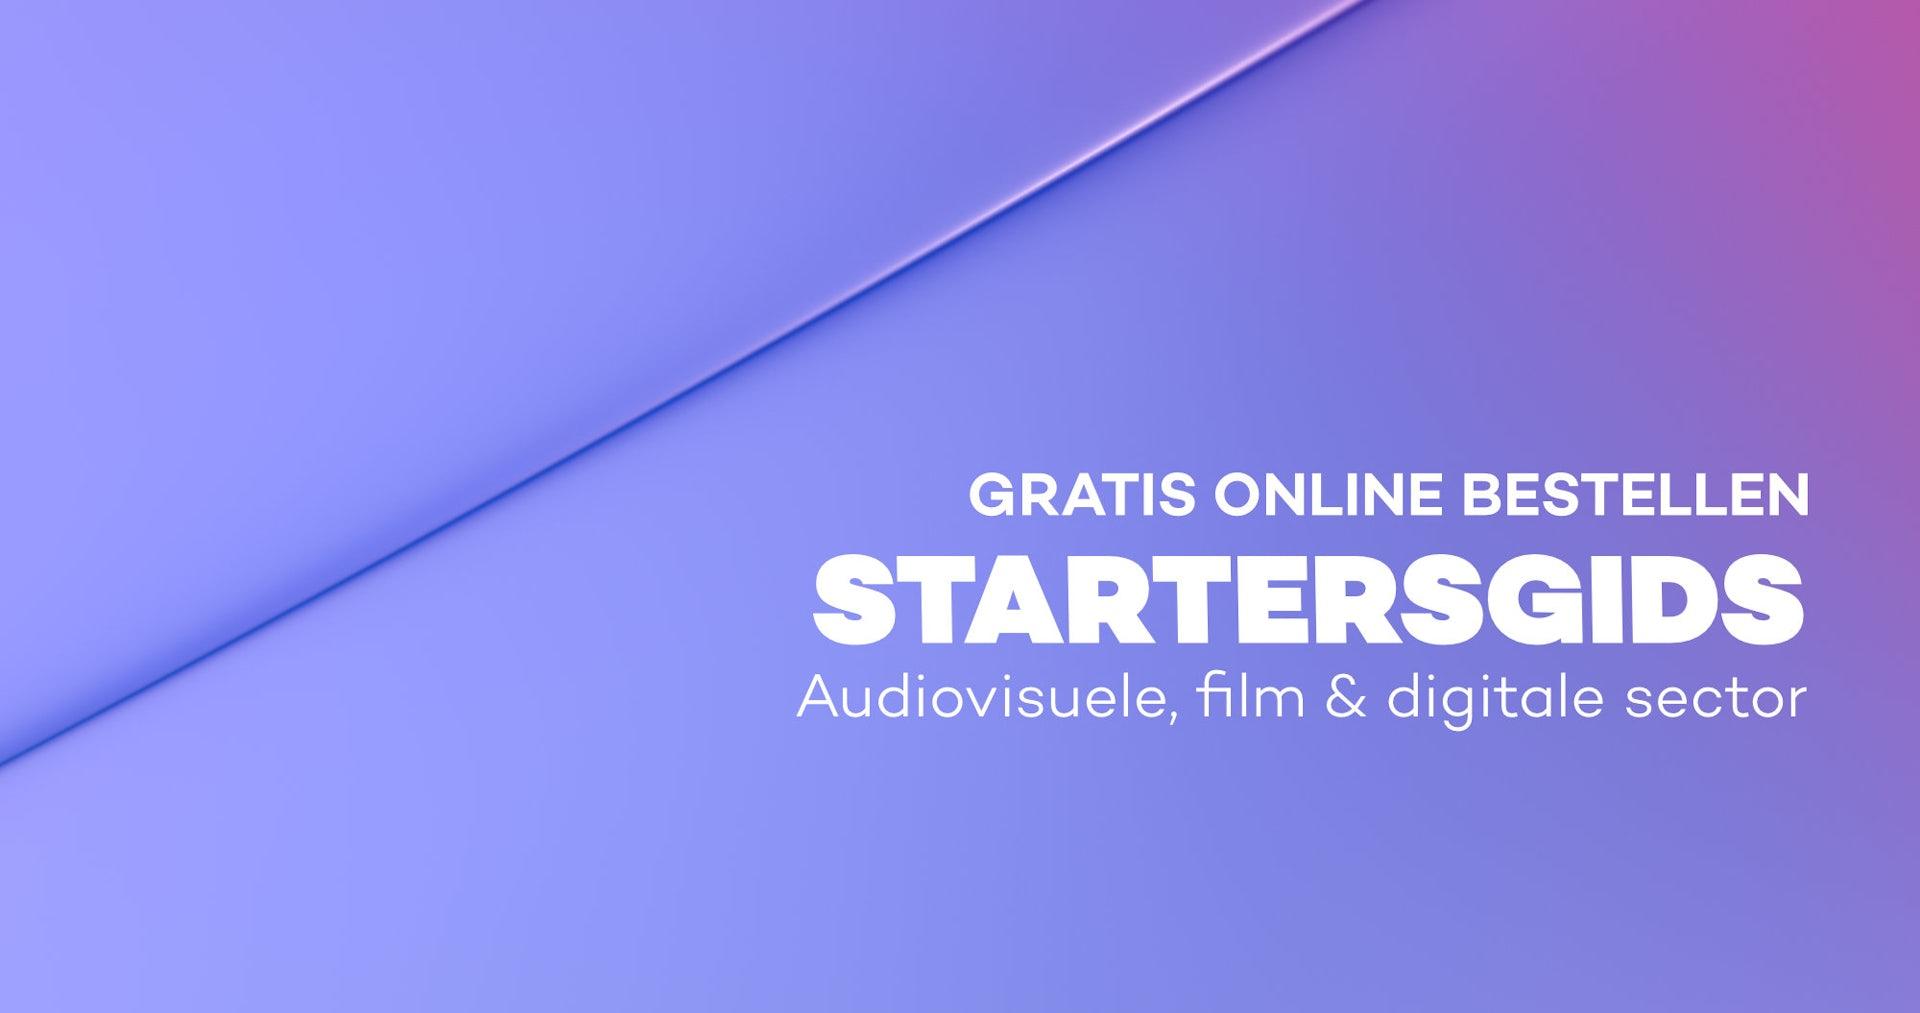 Bestel de nieuwe editie van de startersgids online